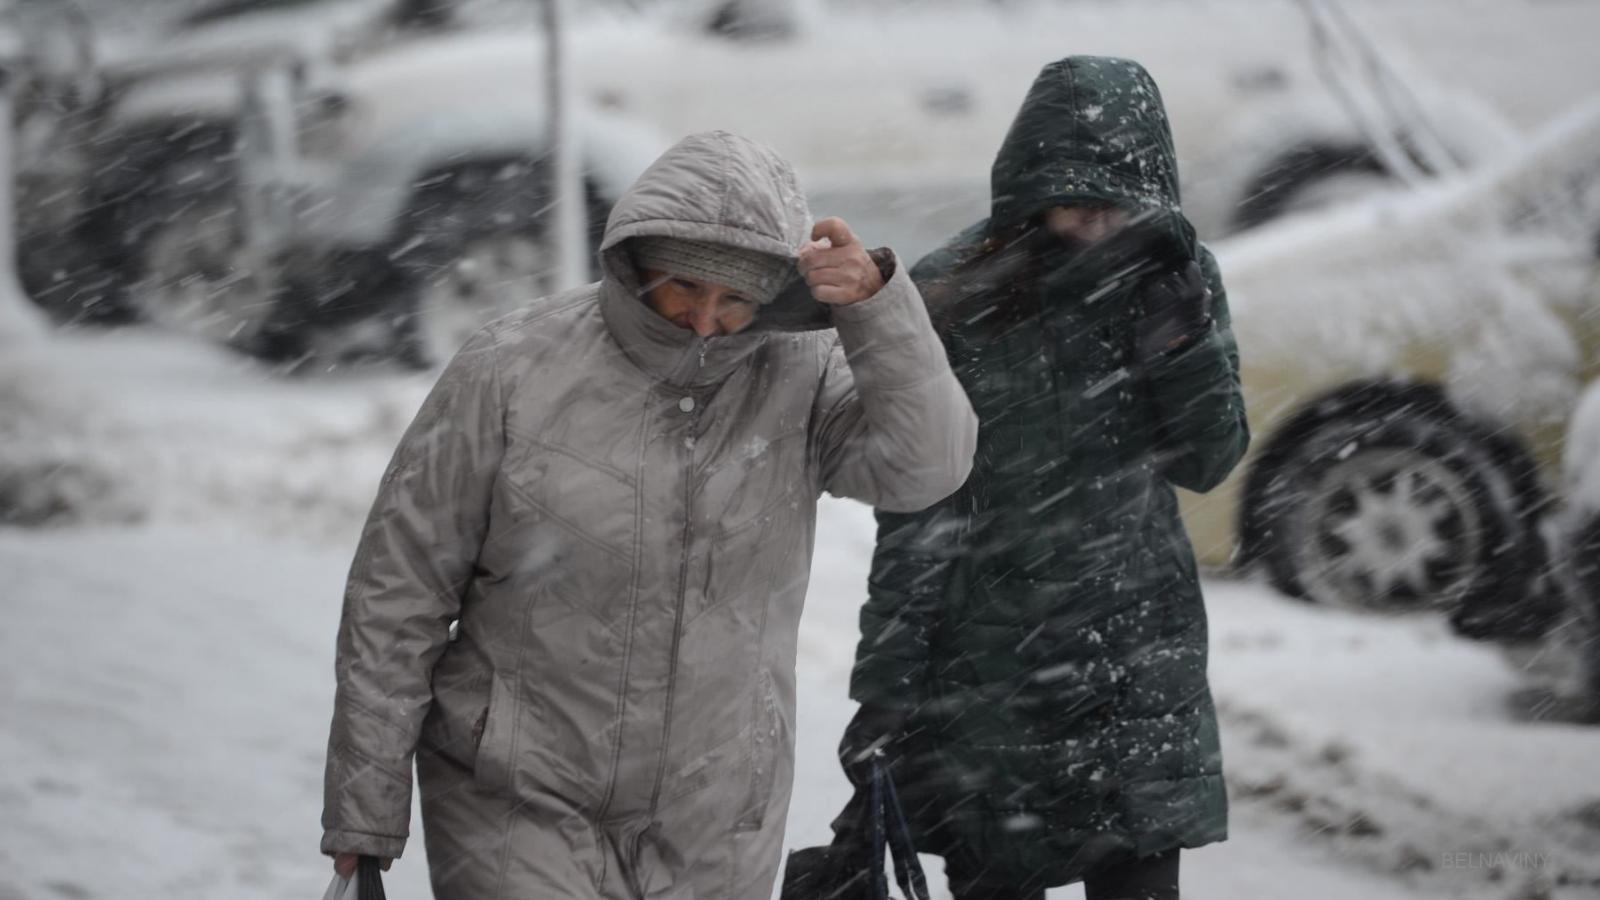 Прогноз погоды на эту неделю: похолодание и метель